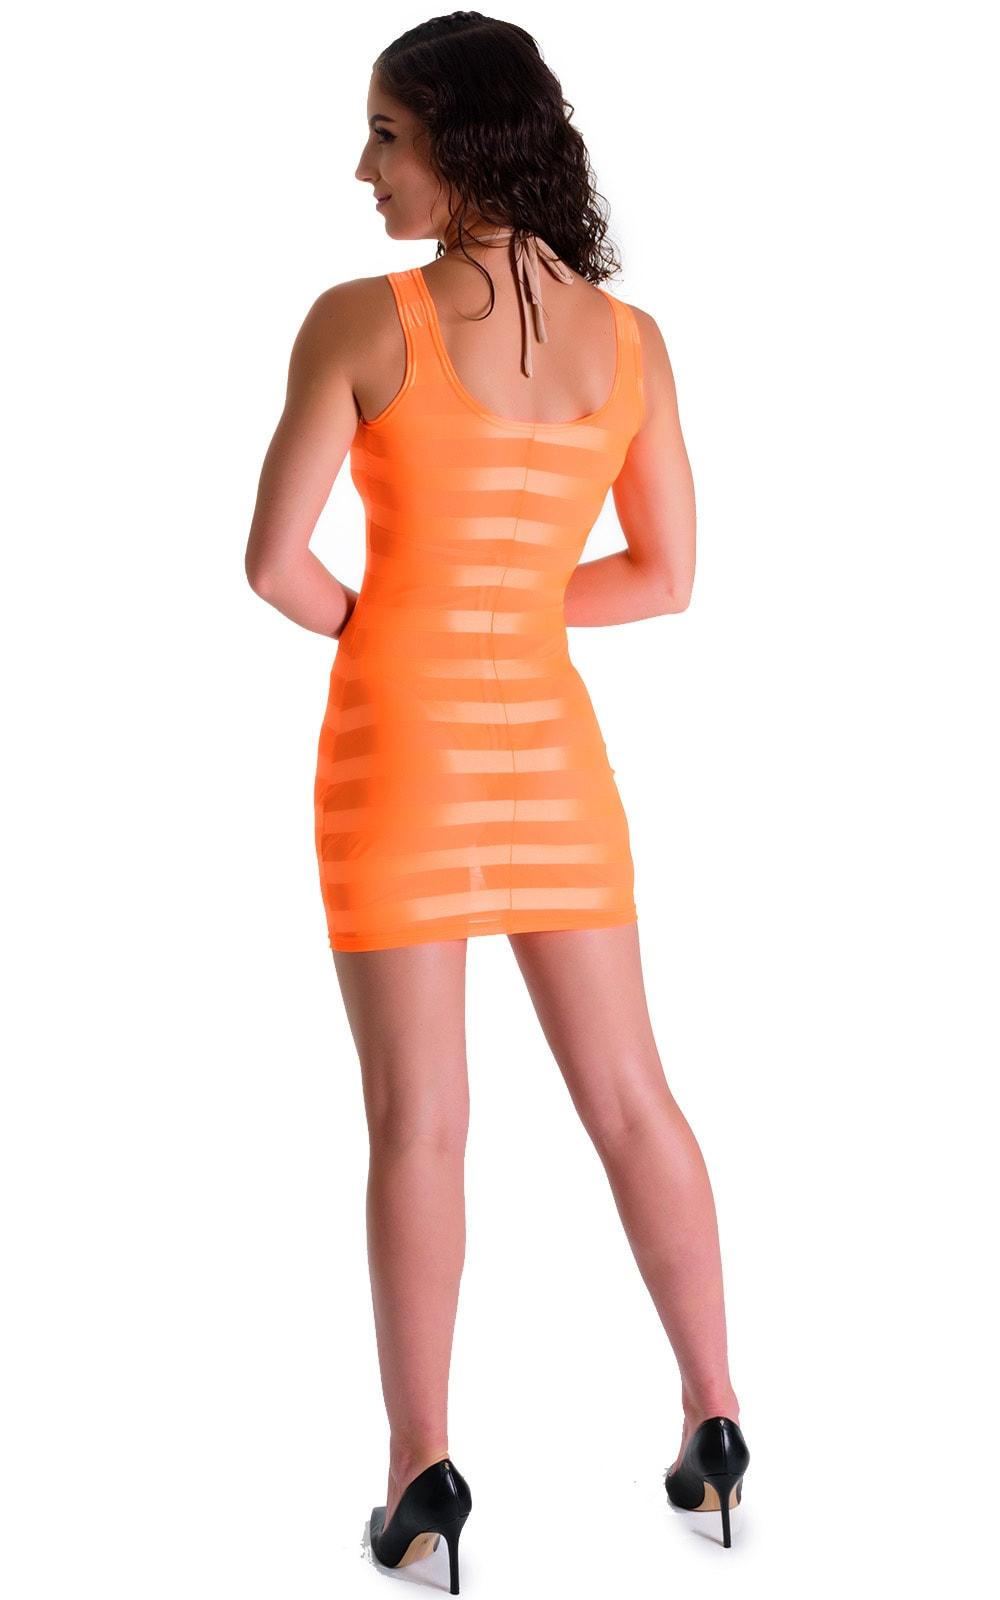 Mini Dress in Orange Satin Stripe 2